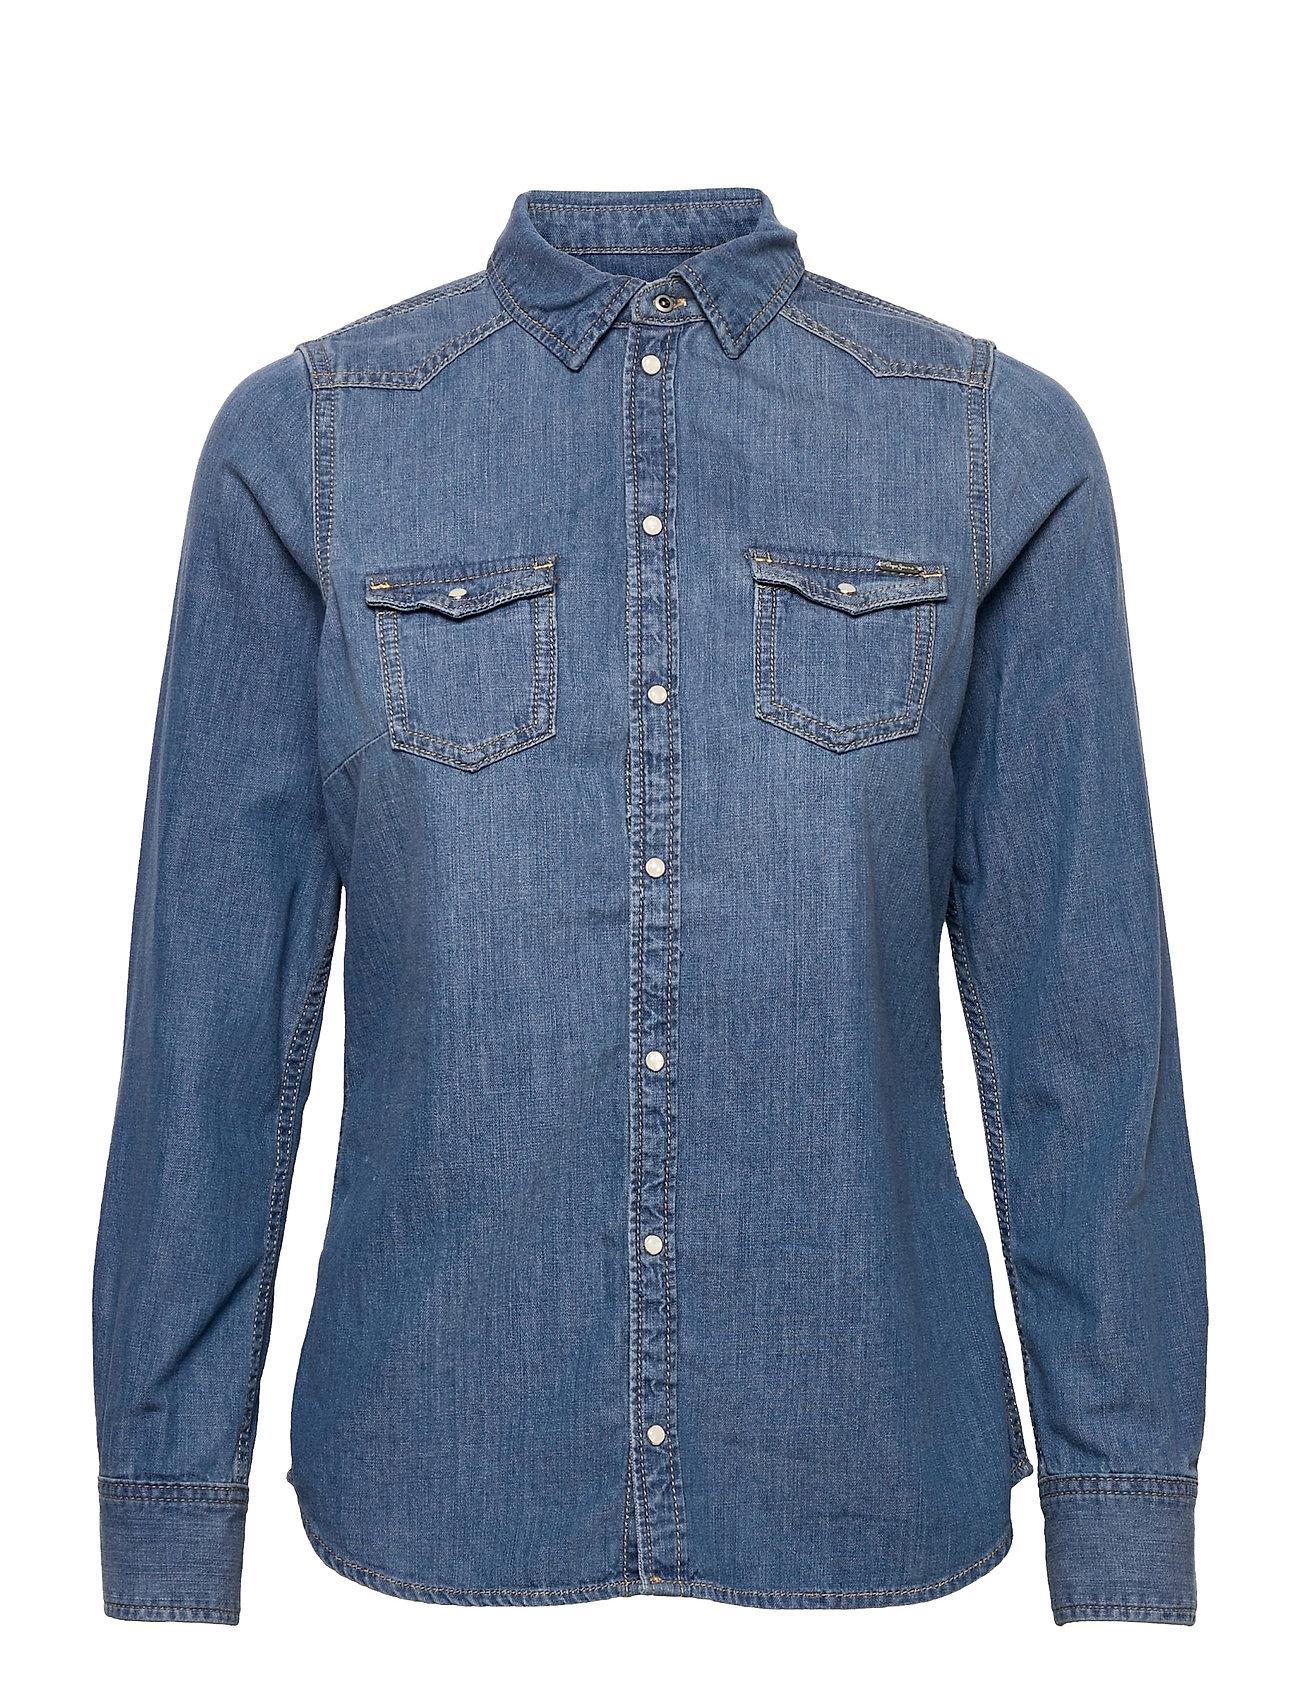 Rhonda Langærmet Skjorte Blå Pepe Jeans London